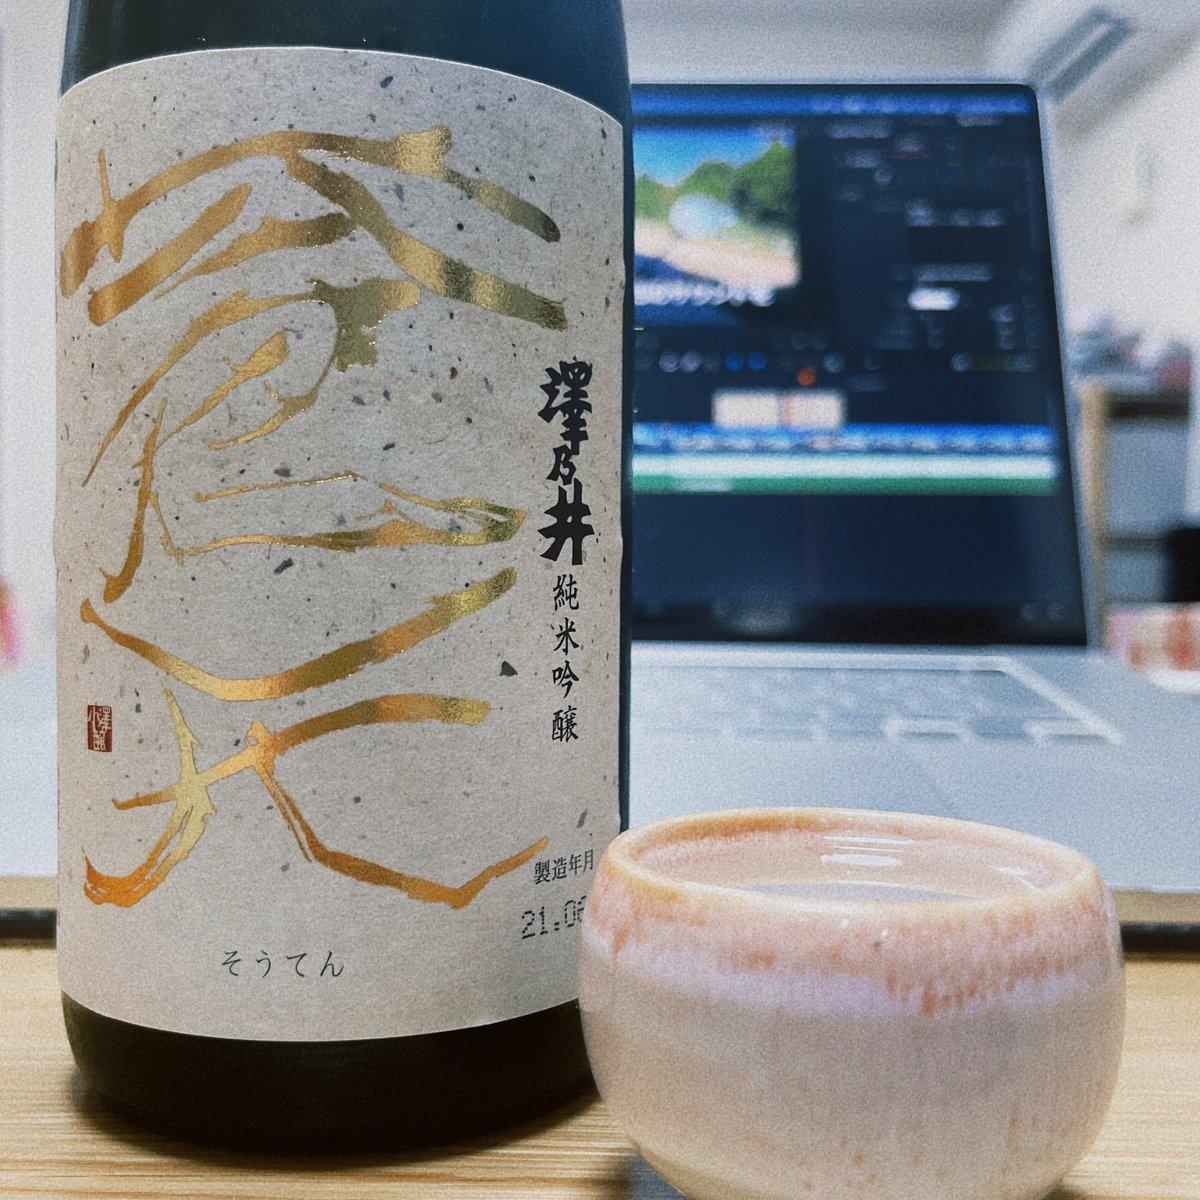 test ツイッターメディア - 知ってるかな「澤乃井 蒼天」  東京のはるか西、青梅にある小澤酒造。 地元というのもありかなり大好きなお酒。日本酒の美味しさを知ったきっかけでもある。  これで晩酌するのが週末の楽しみ☺️ スーパーにも売ってるしコスパ最強なので見つけたら是非にも!!  #澤乃井  #蒼天  #小澤酒造  #青梅 https://t.co/Fo3TicAKZt